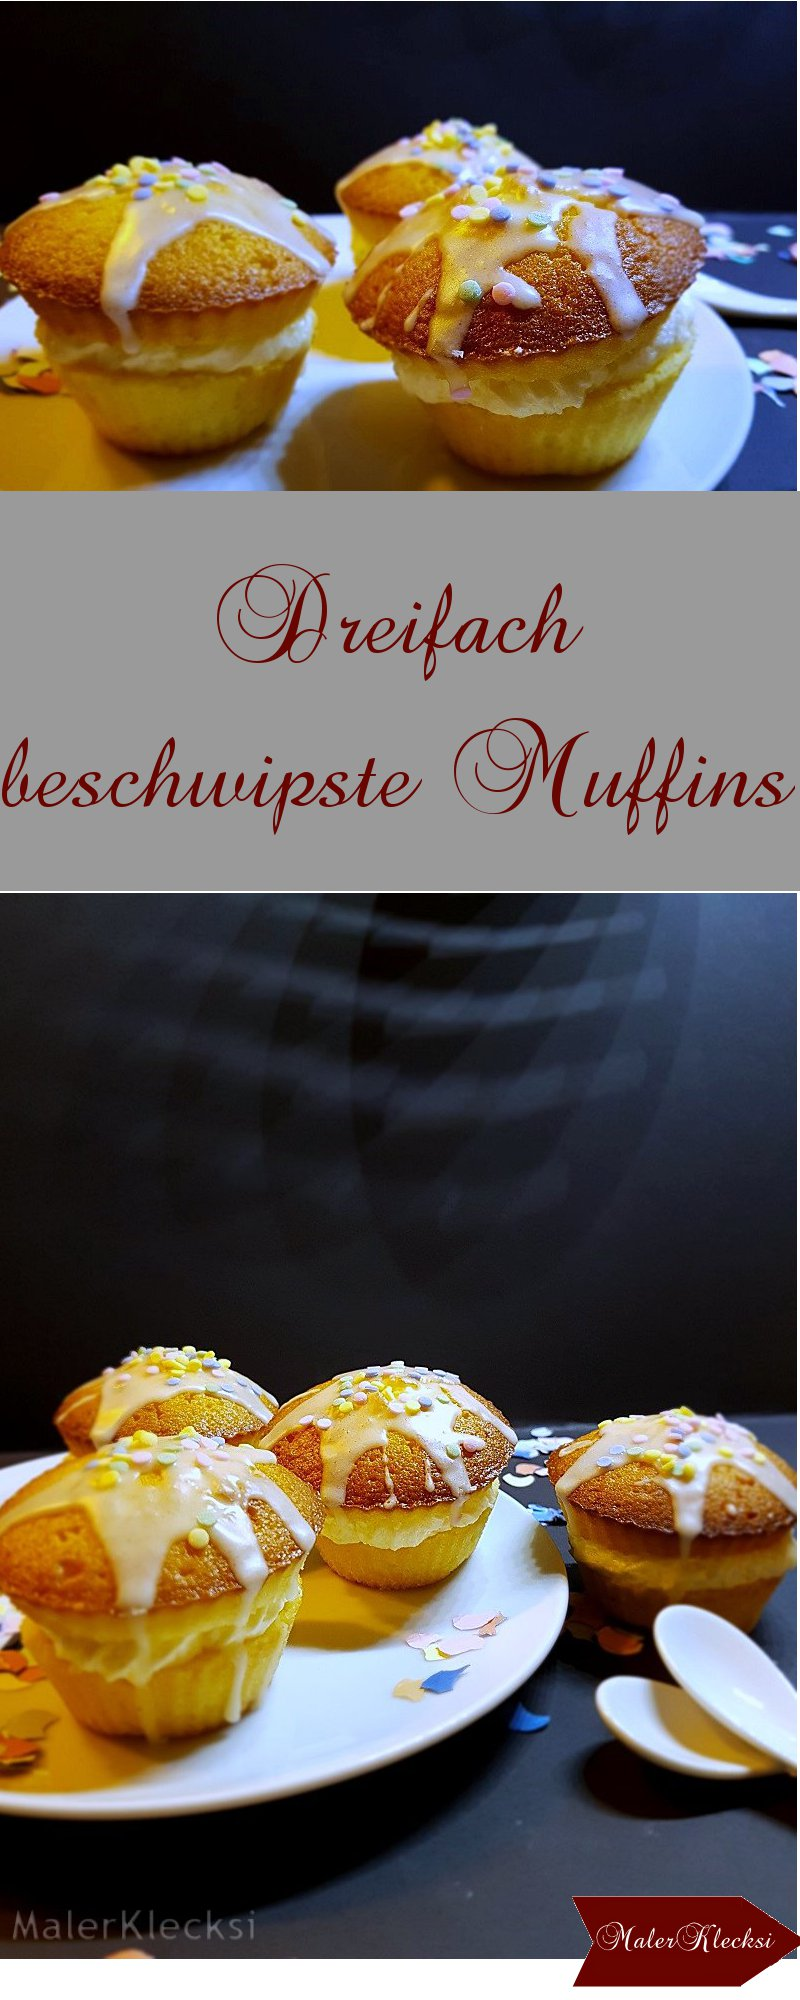 Dreifach-beschwipste-Muffins